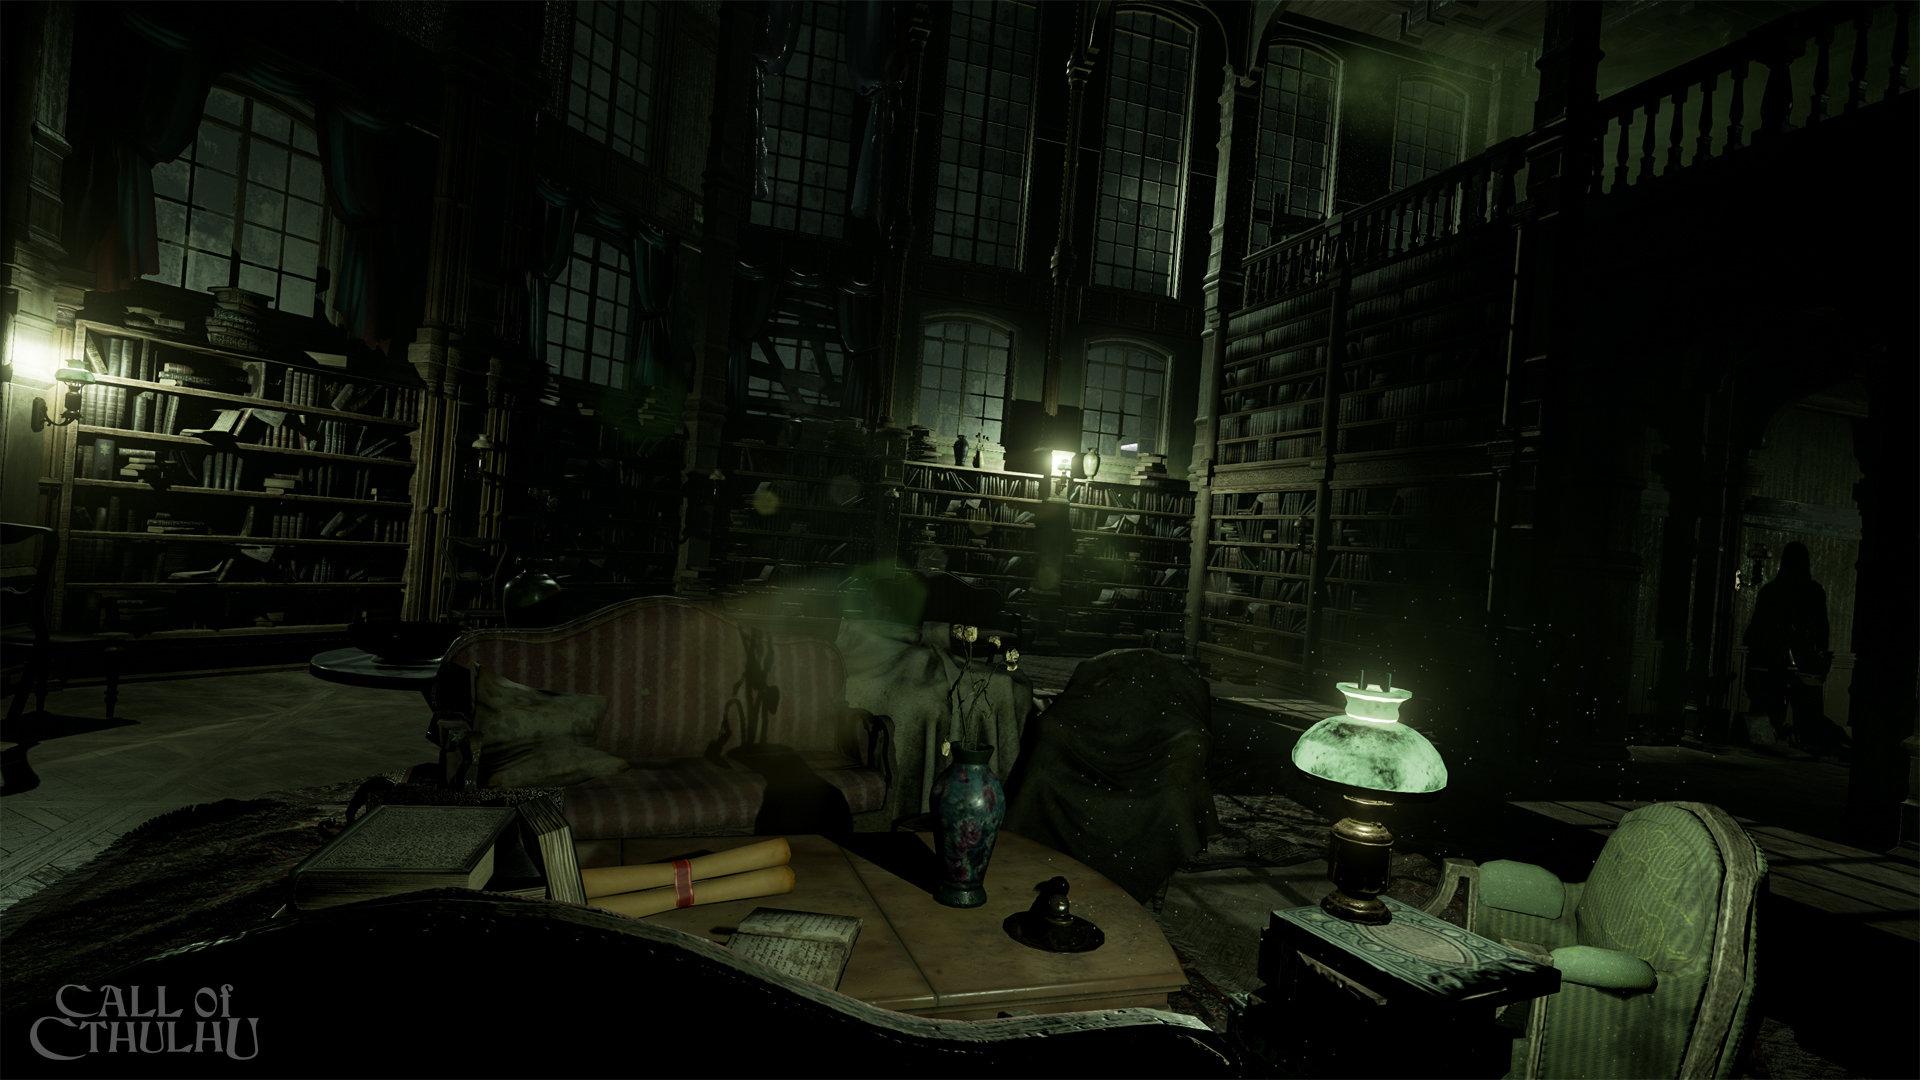 """Résultat de recherche d'images pour """"Call of cthulhu game"""""""